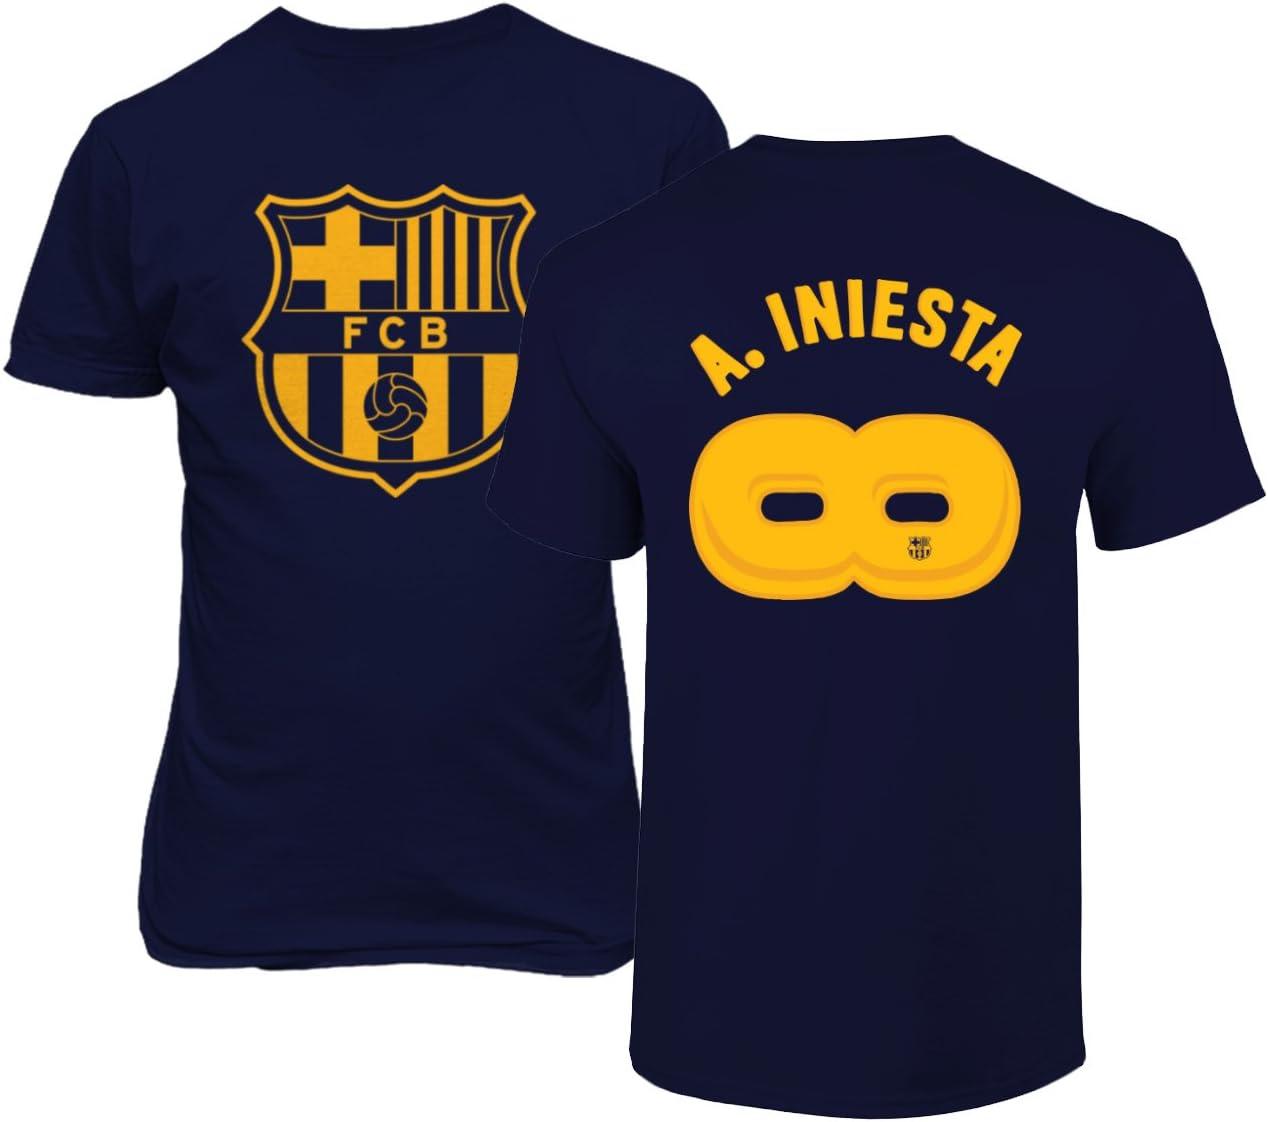 BTA Apparel Fútbol Barcelona Andrés Iniesta #8 Infinity Retirement Shirt Style - Camiseta para Hombre, Juventud M, Marino: Amazon.es: Deportes y aire libre